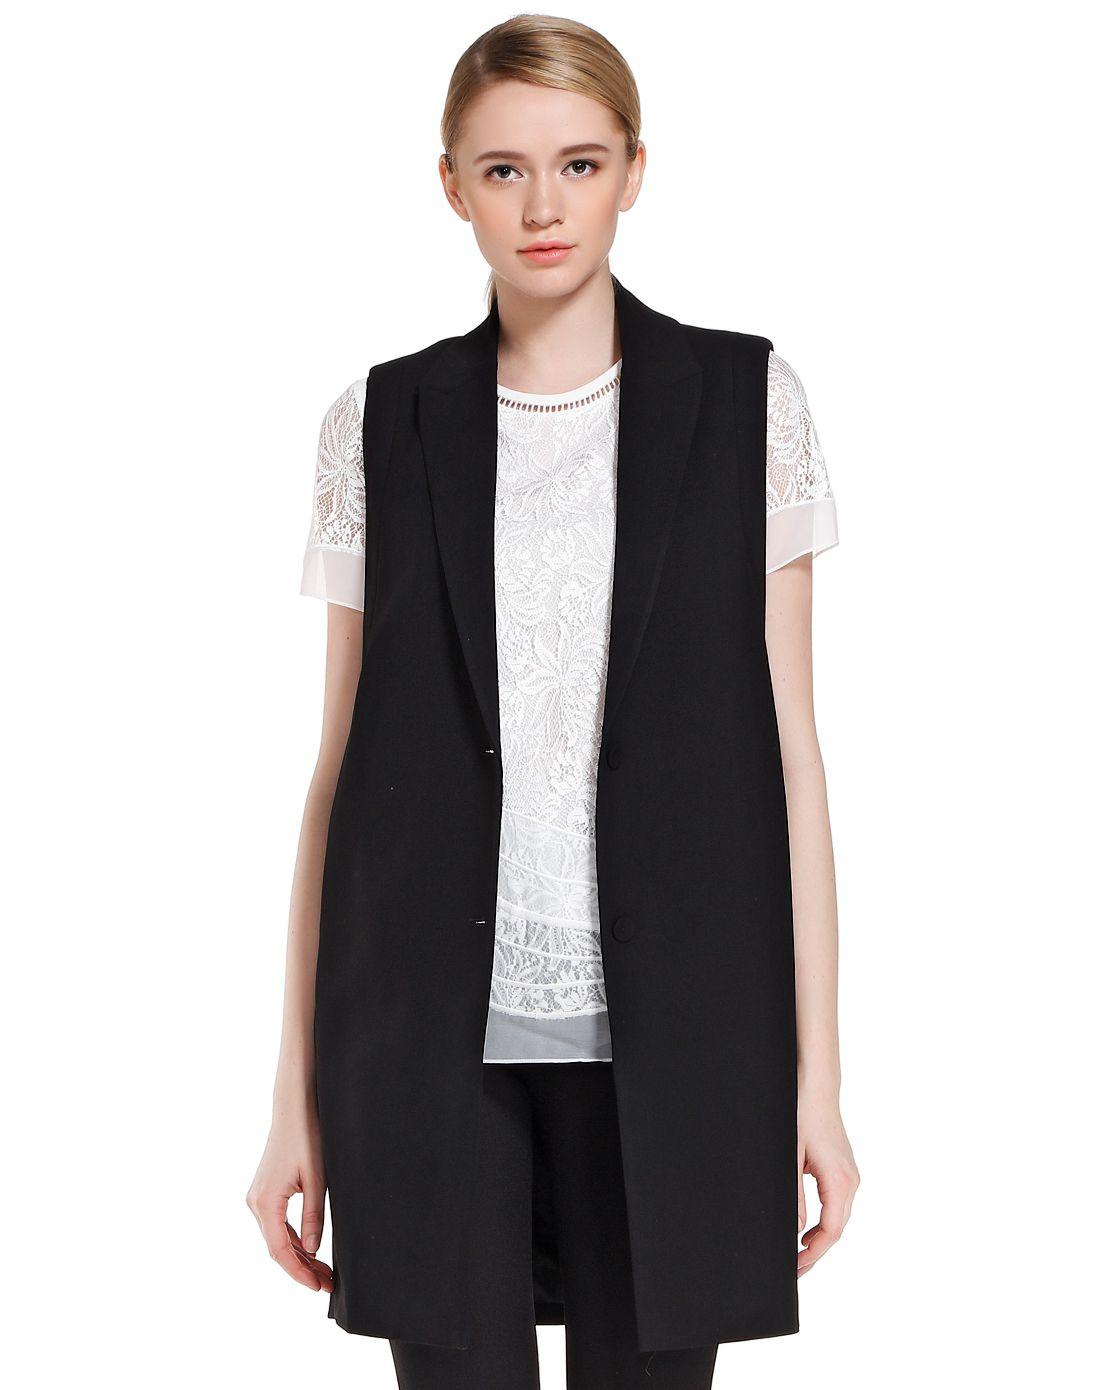 音儿黑色时尚简约无袖外套